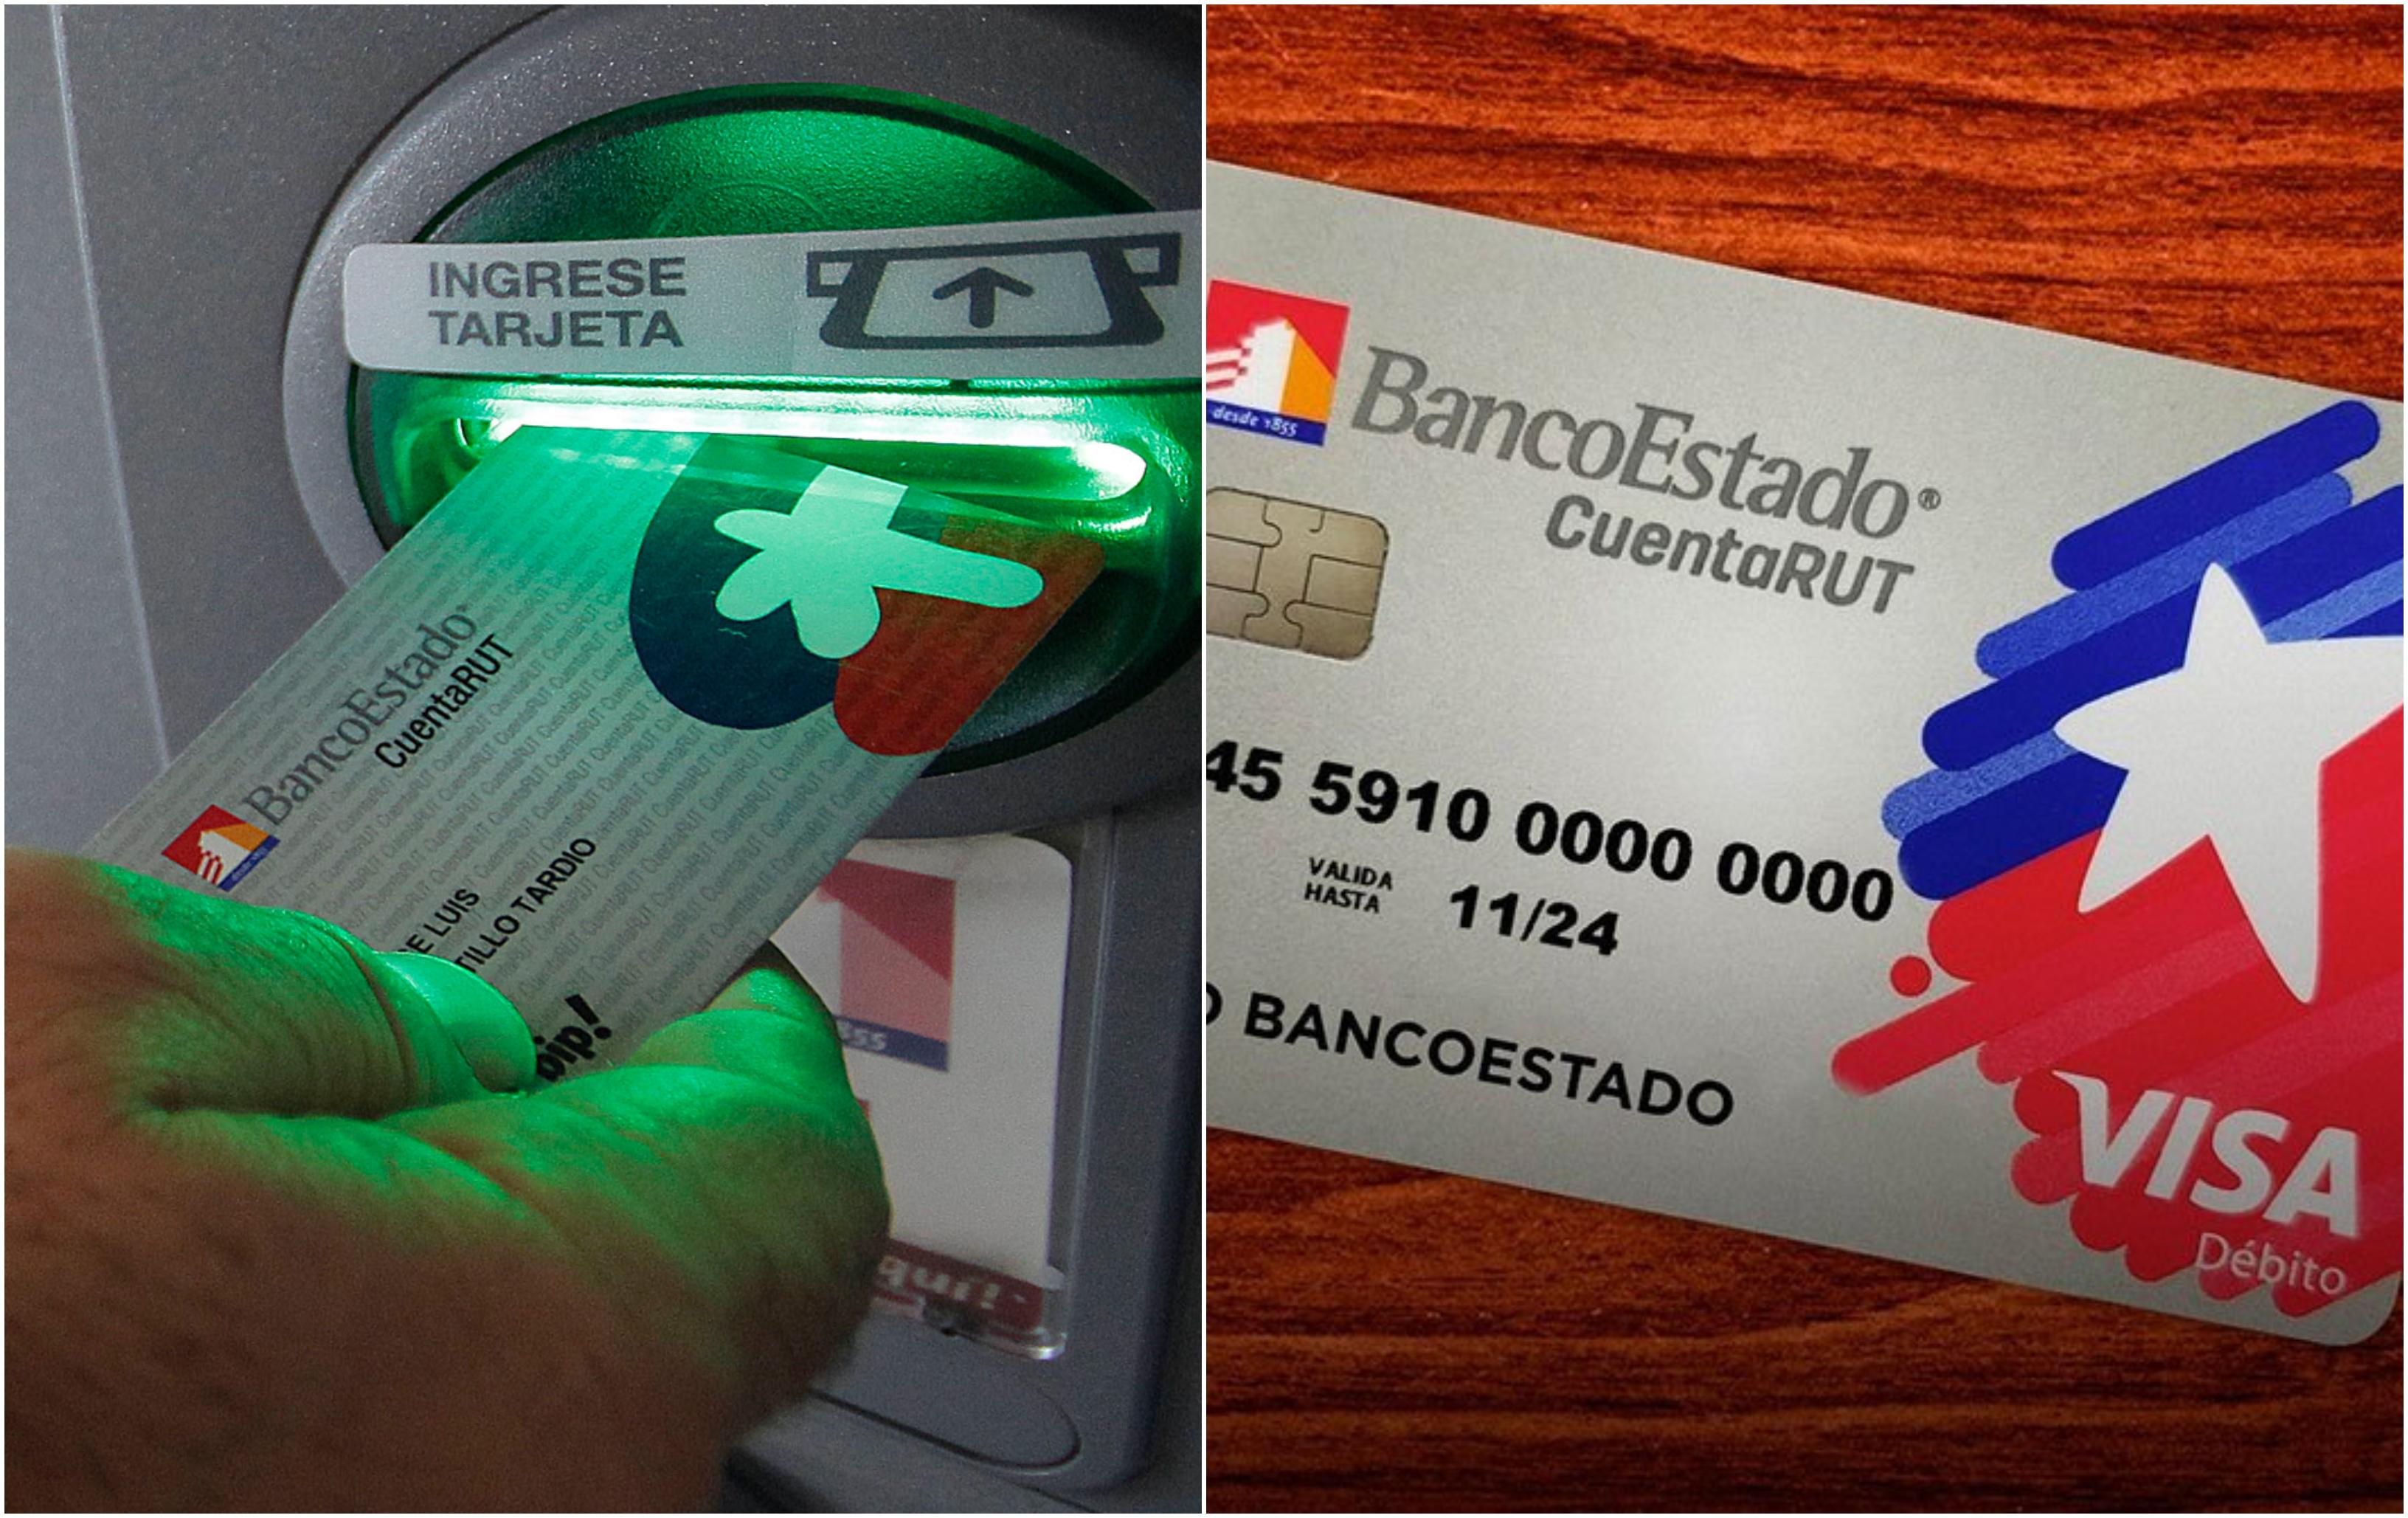 De izquierda a derecha, la antigua y nueva tarjeta Cuenta RUT